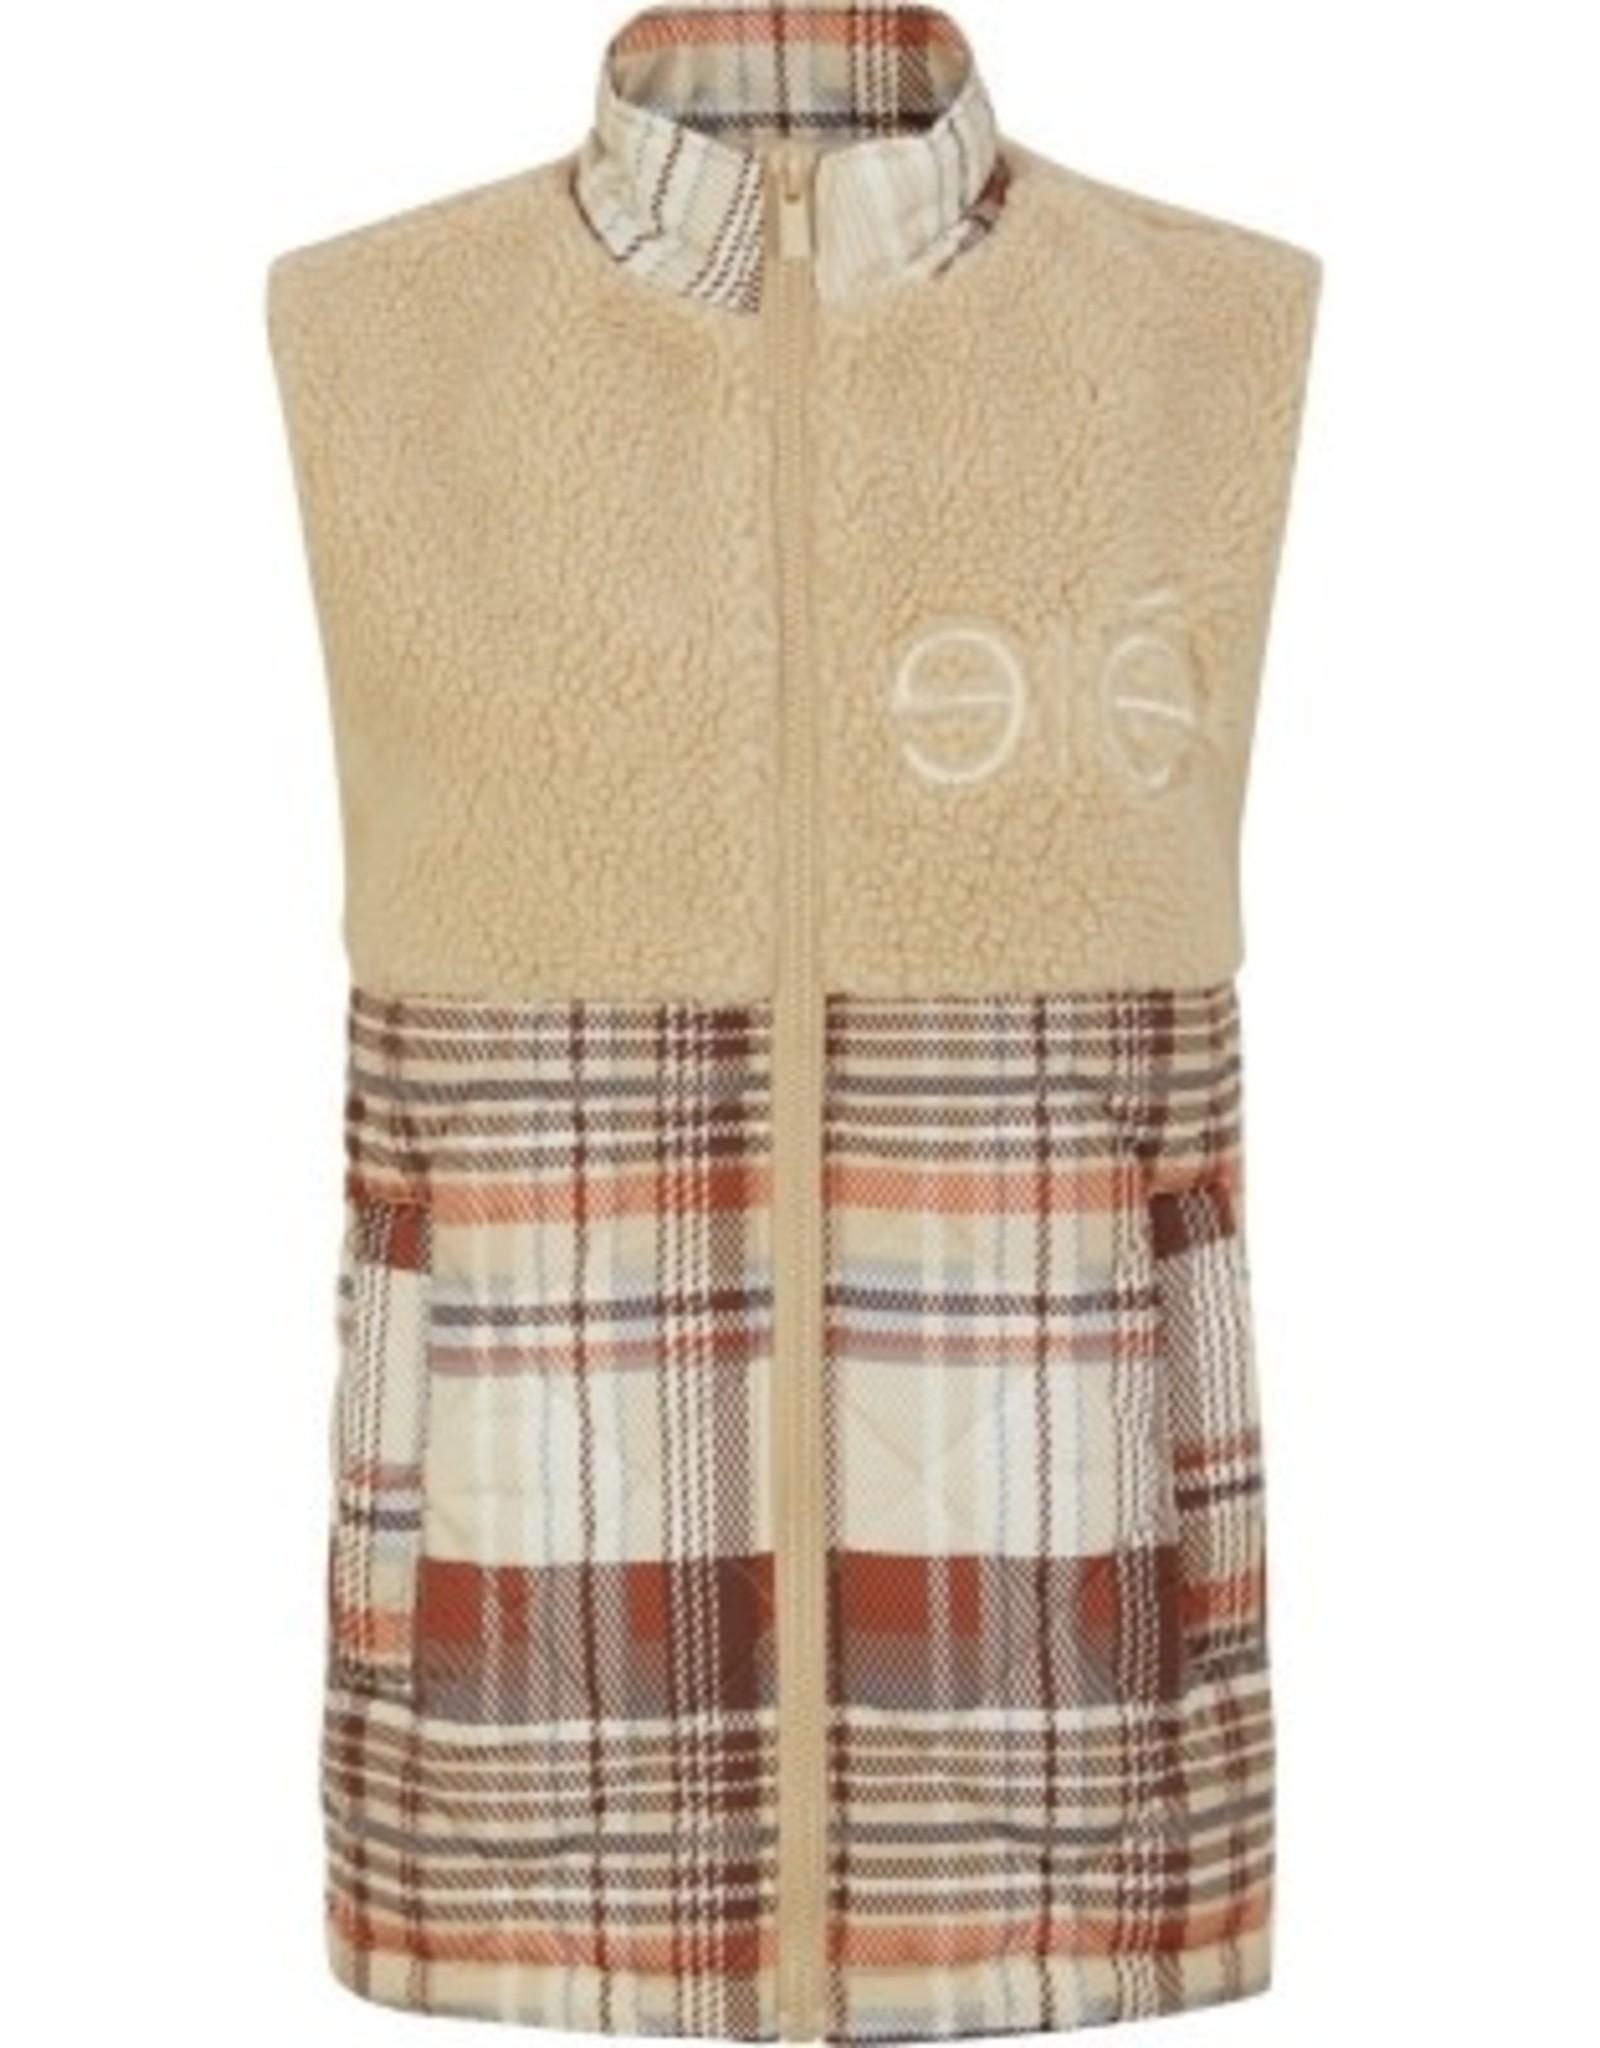 Esmé Studios Vest ESShirl Quilt zonder mouwen - Multi colour check